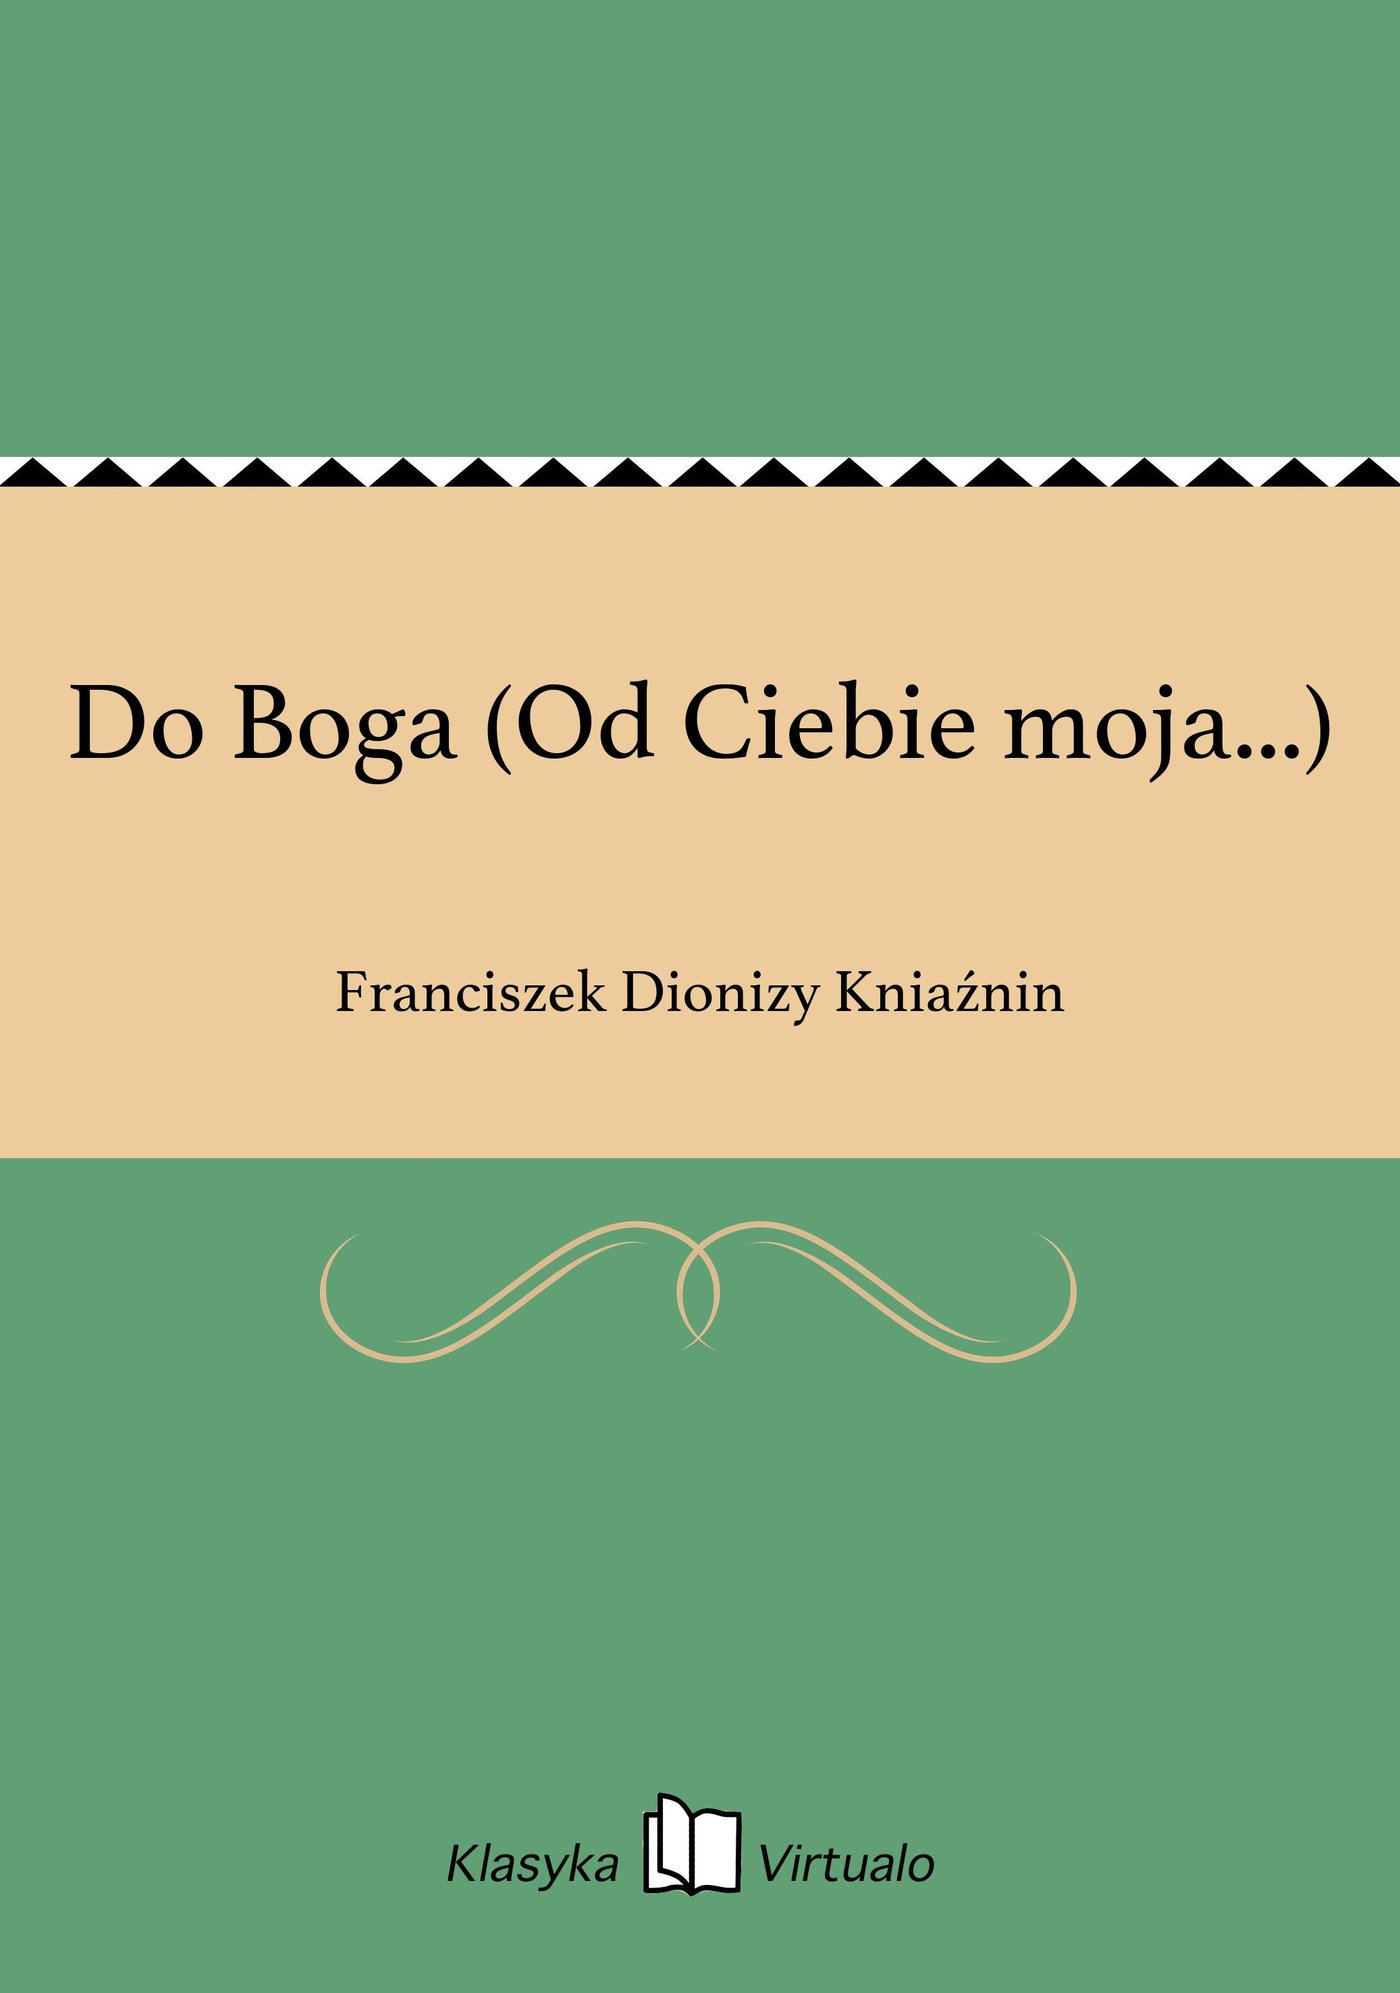 Do Boga (Od Ciebie moja...) - Ebook (Książka na Kindle) do pobrania w formacie MOBI